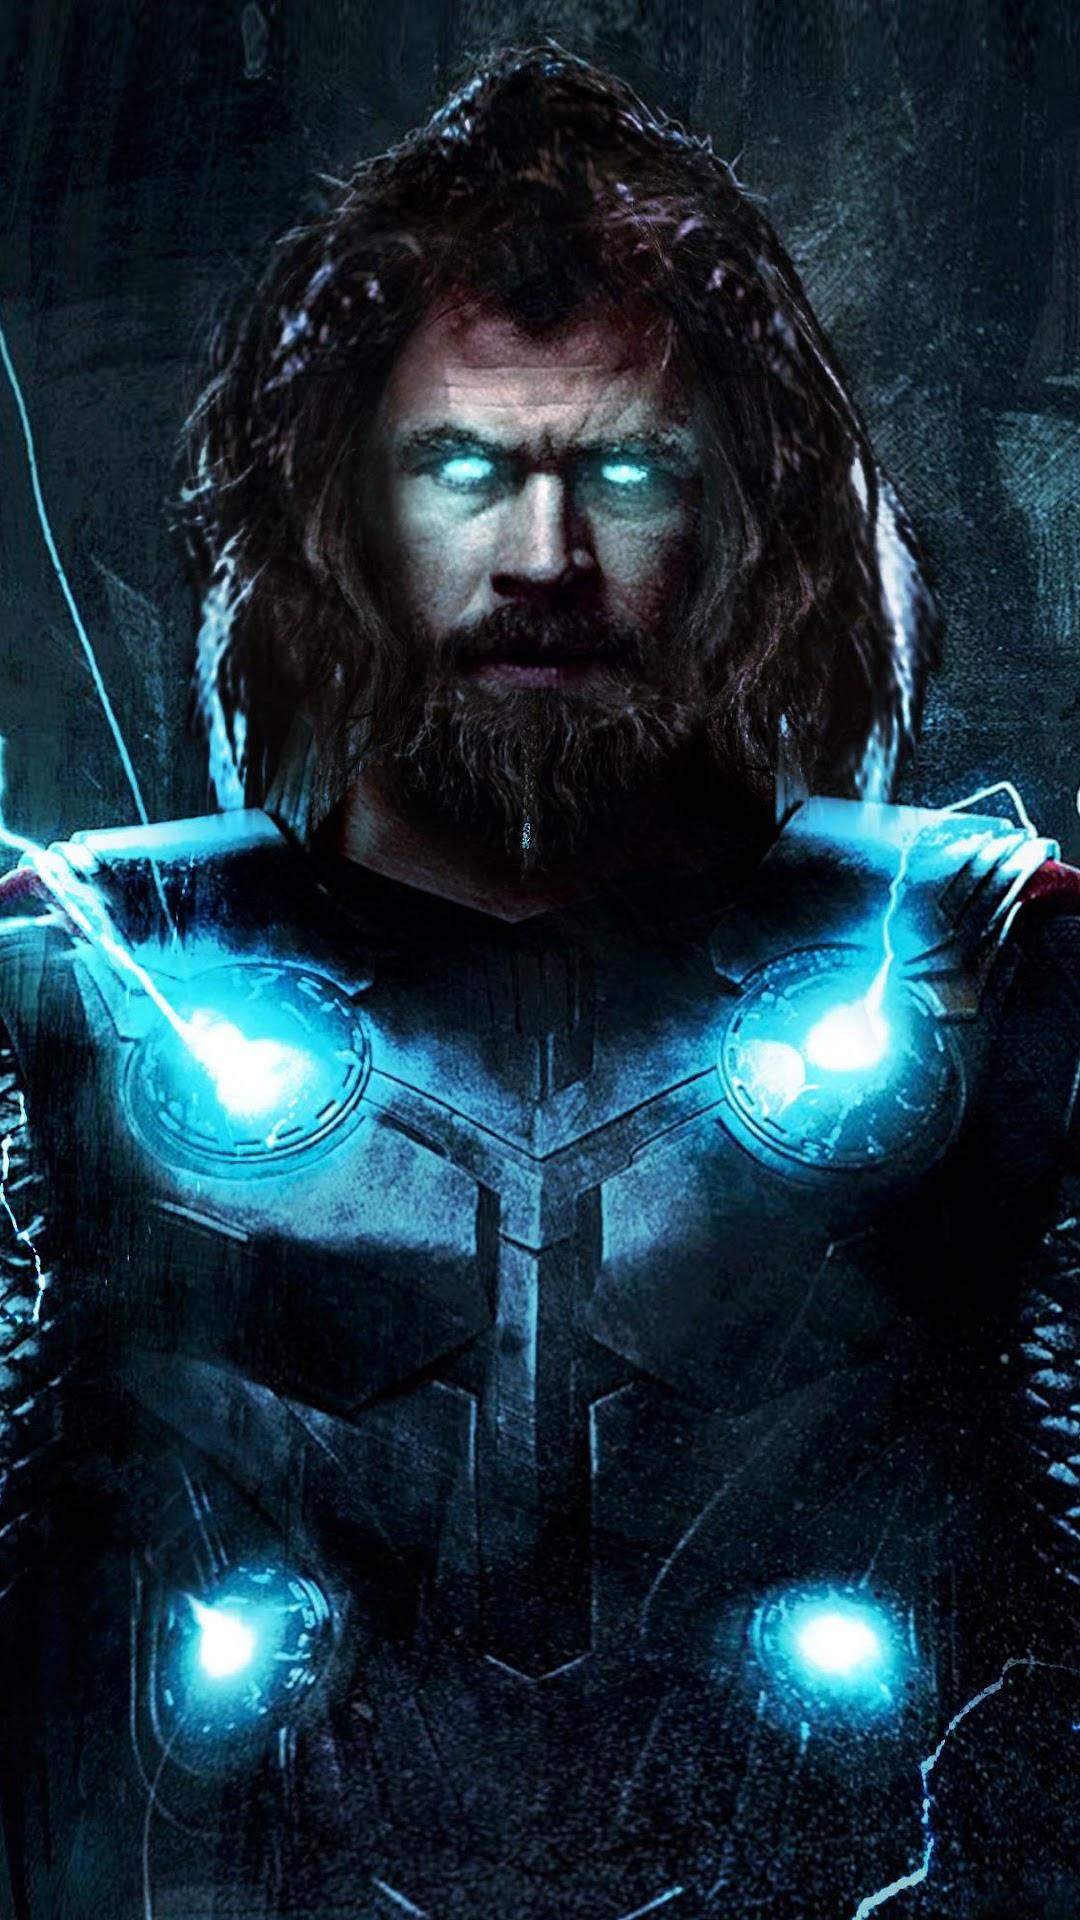 Avengers Endgame Thor Stormbreaker 4k Wallpaper 158